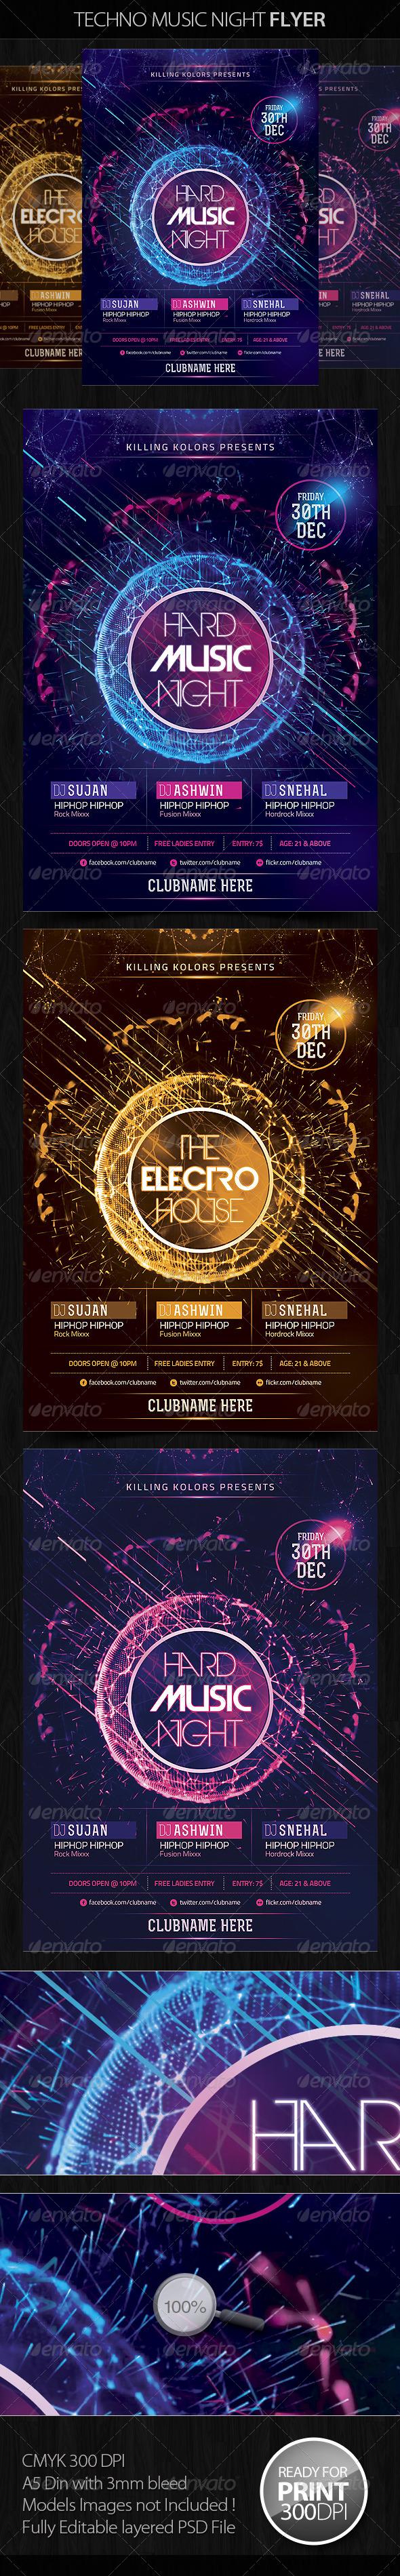 GraphicRiver Techno Music Night Flyer 4567942